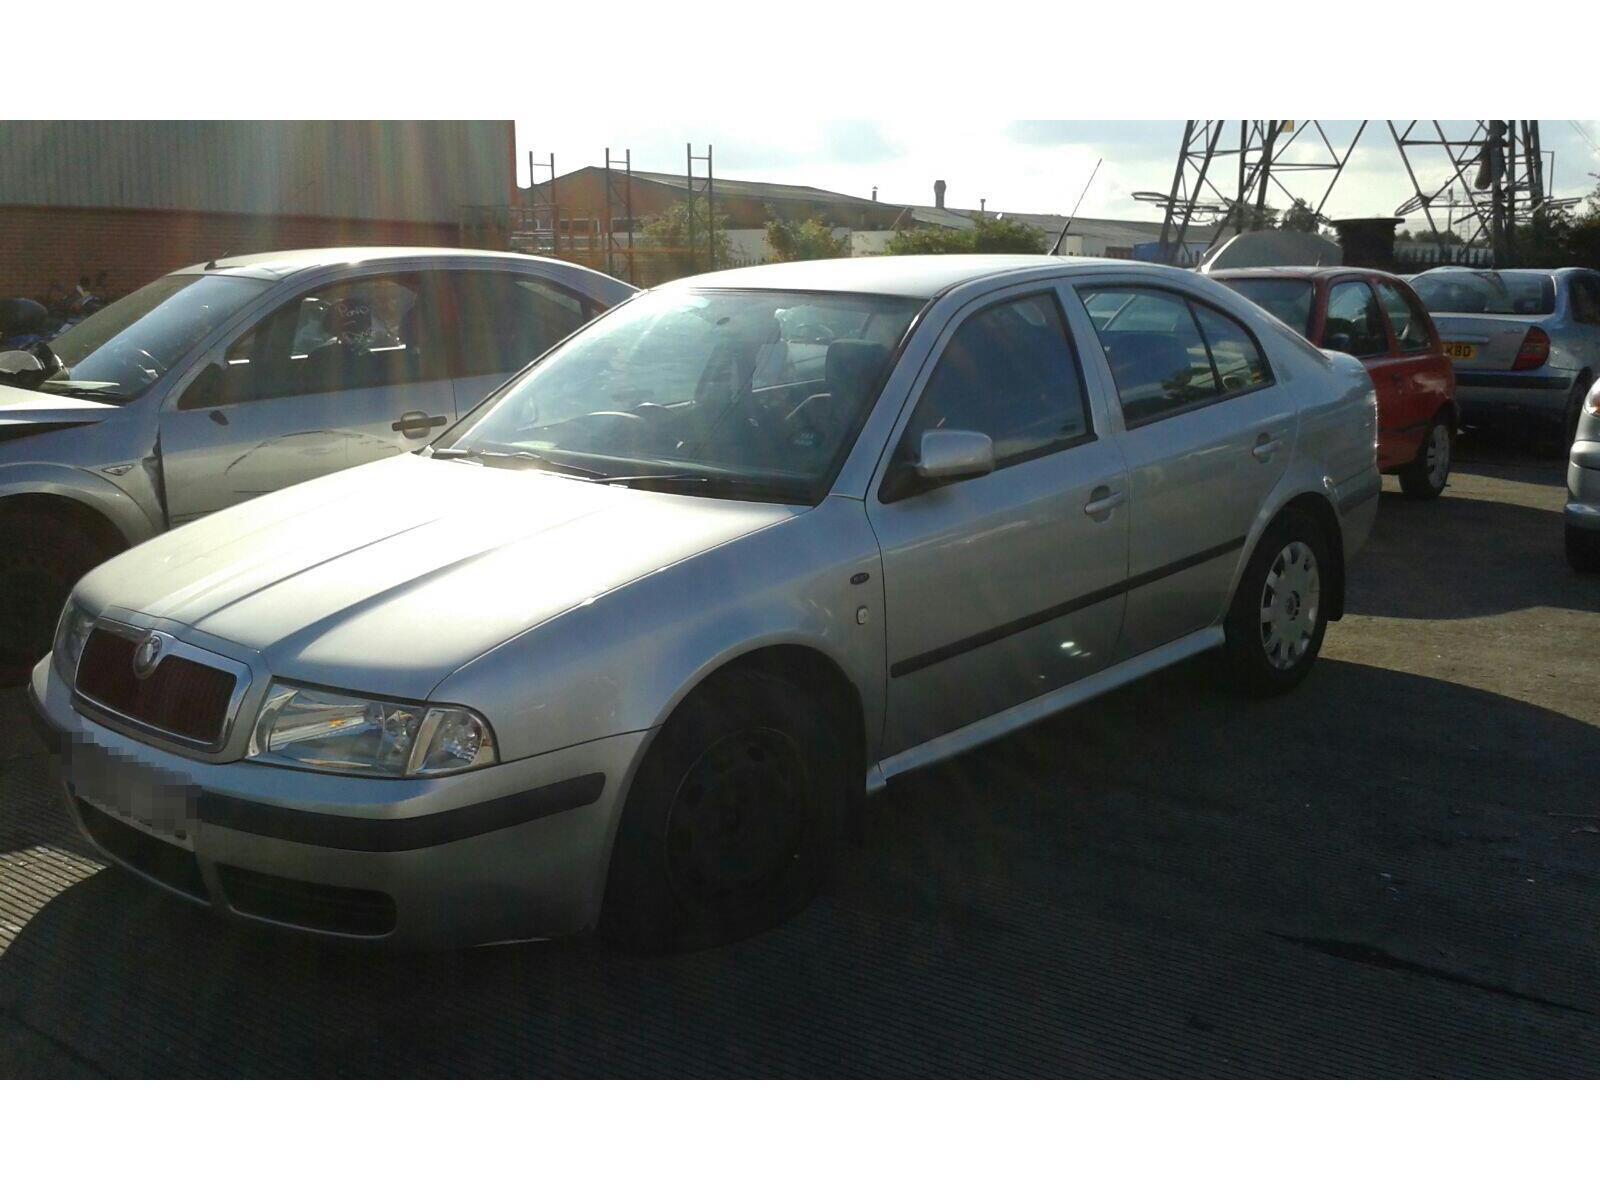 ... Skoda Octavia 2000 To 2005 5 Door Hatchback ...